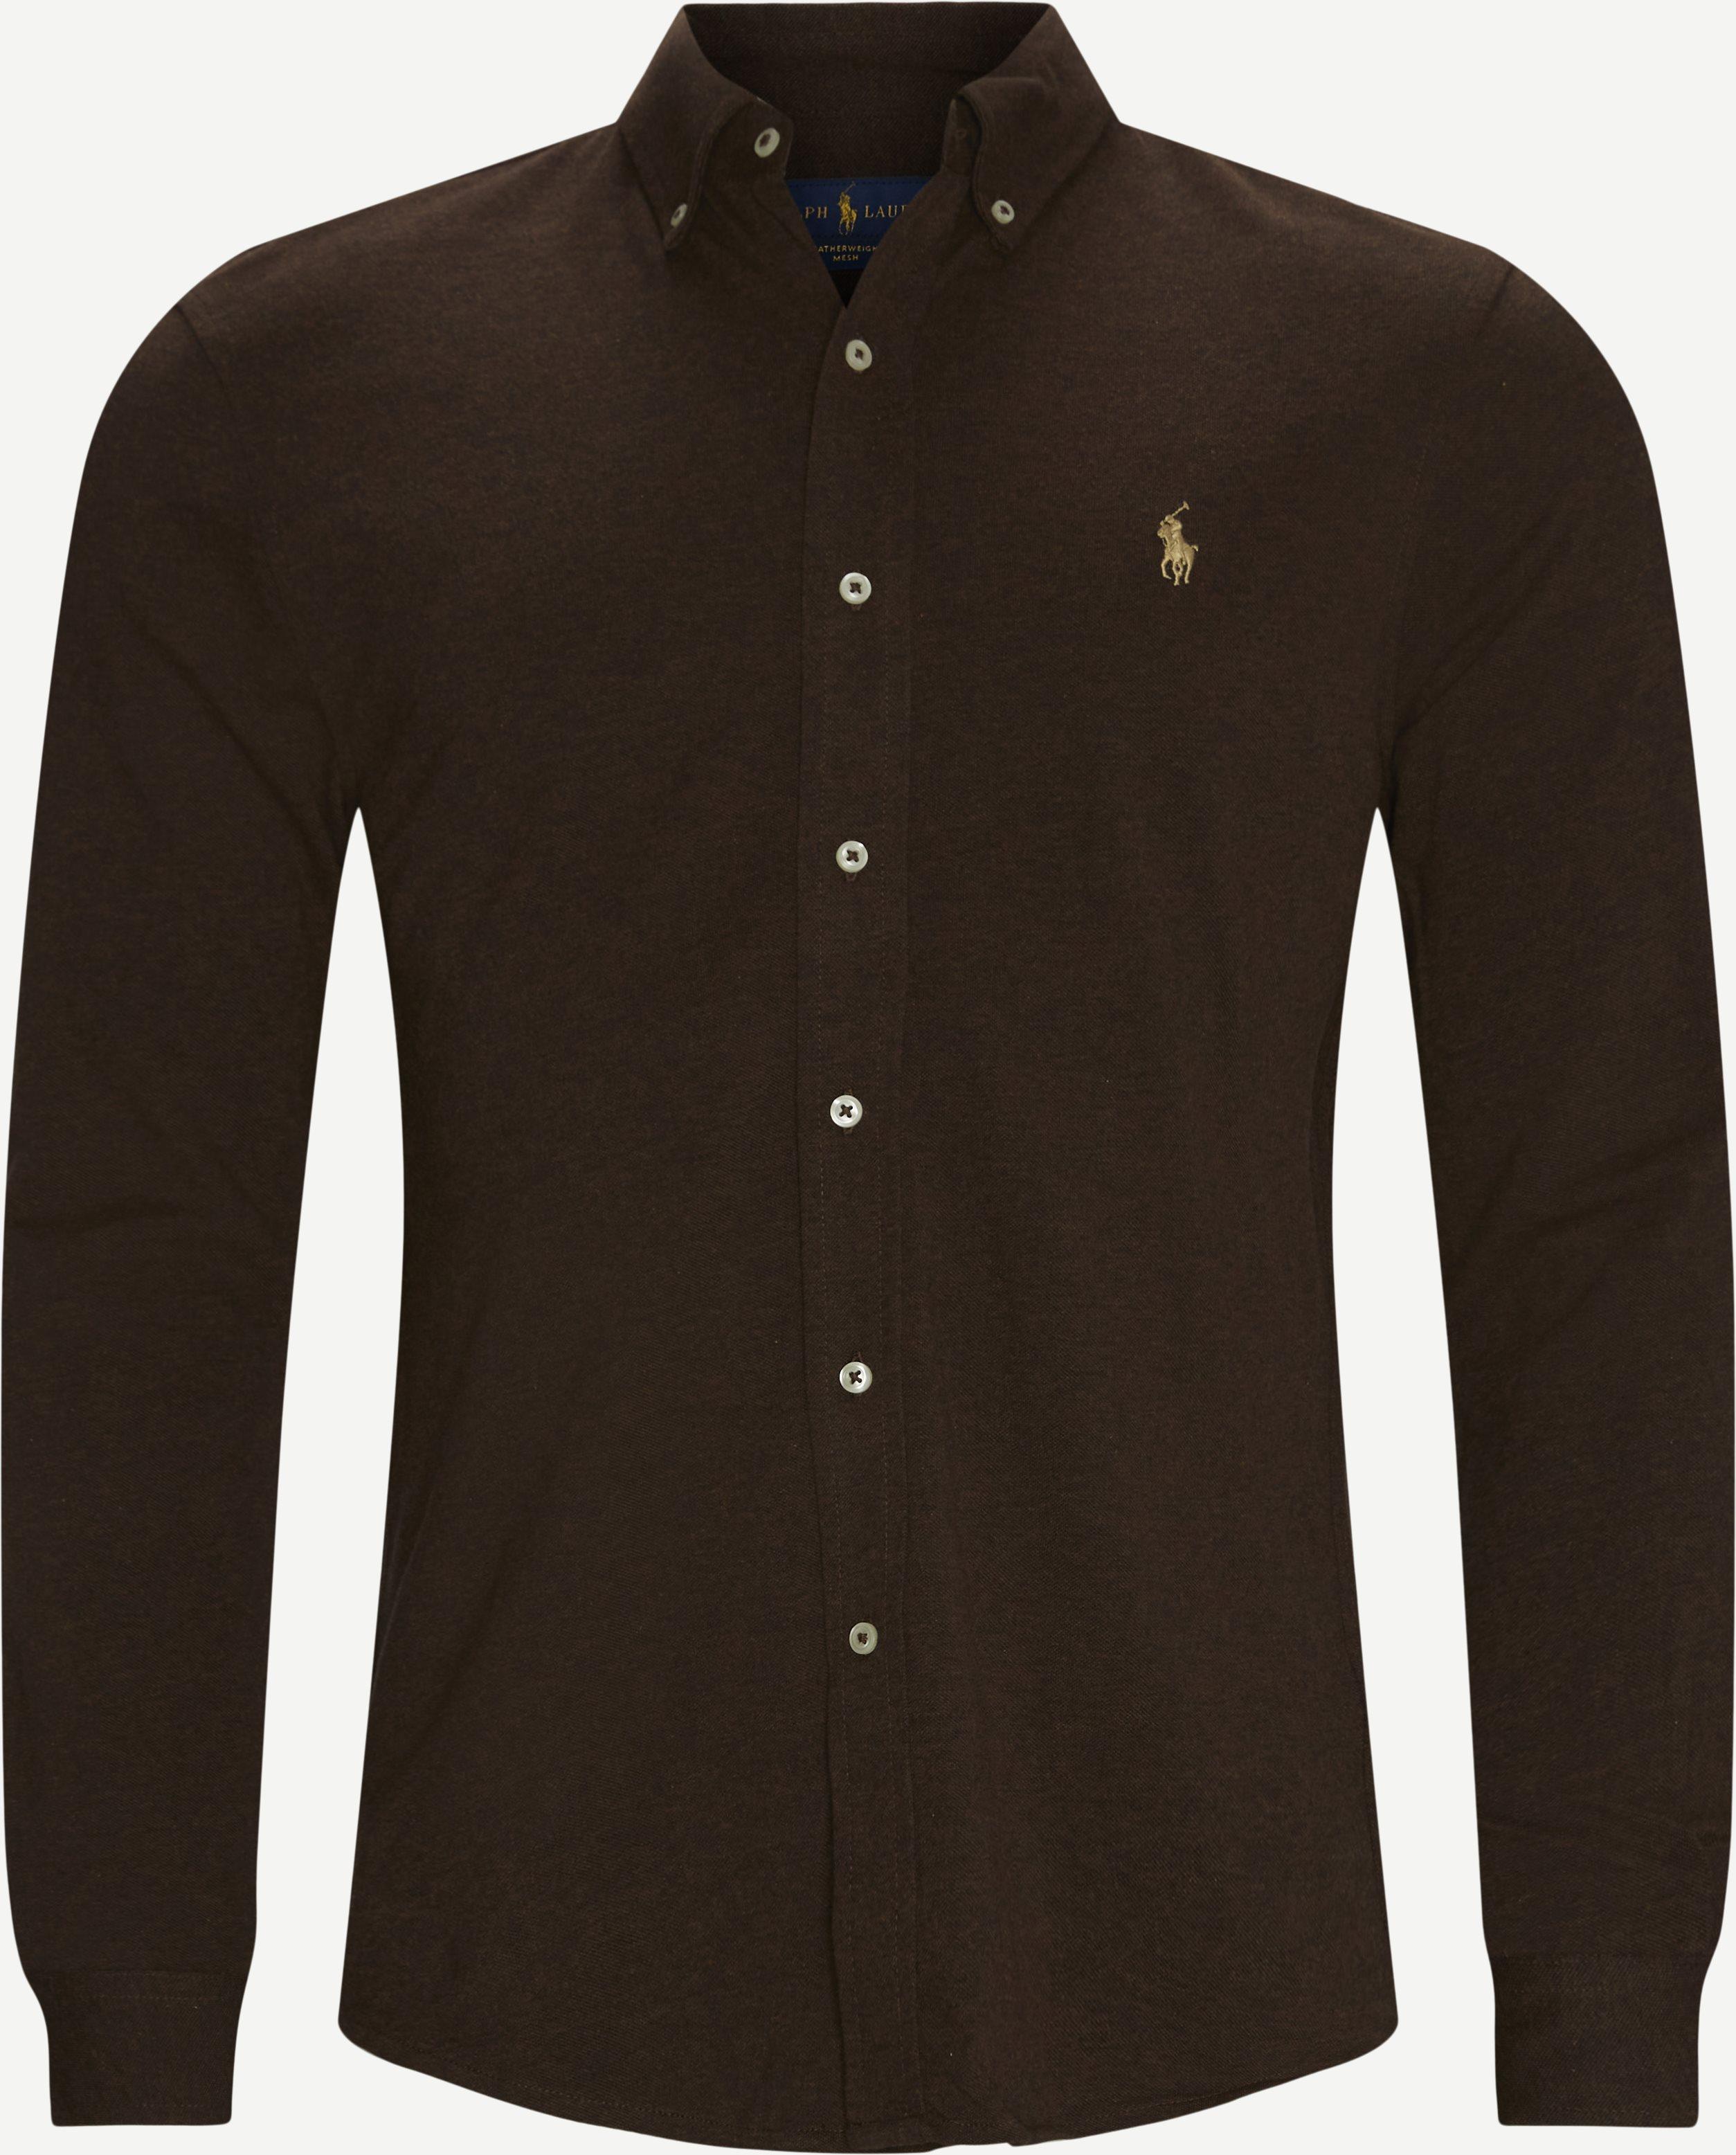 Hemden - Regular fit - Braun